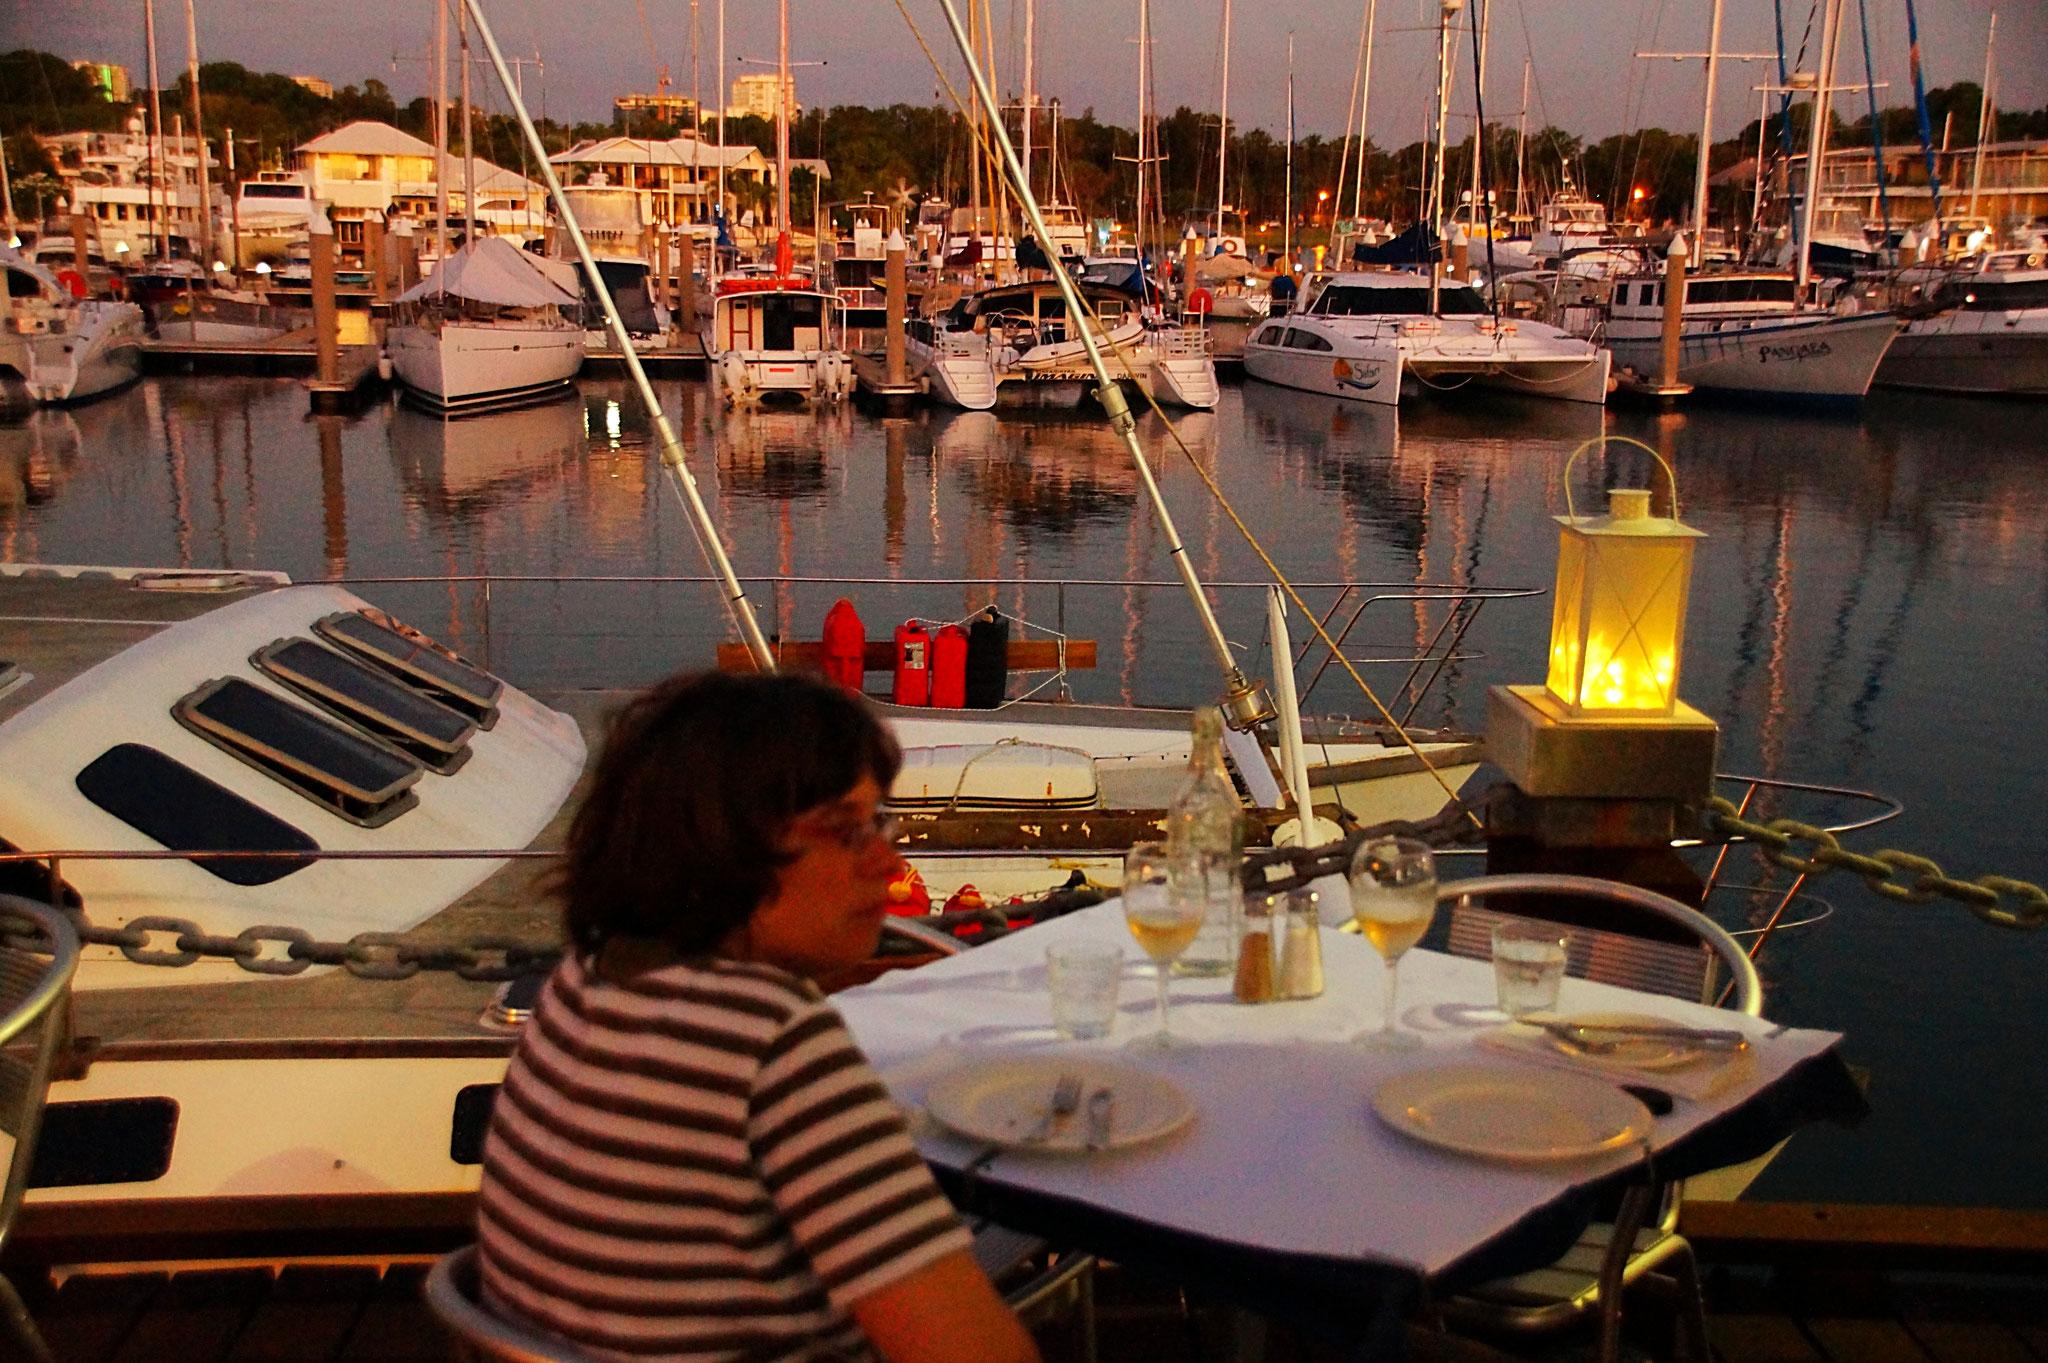 In Yots Greek Taverna saßen wir am Yachthafen. Das Essen war gut.